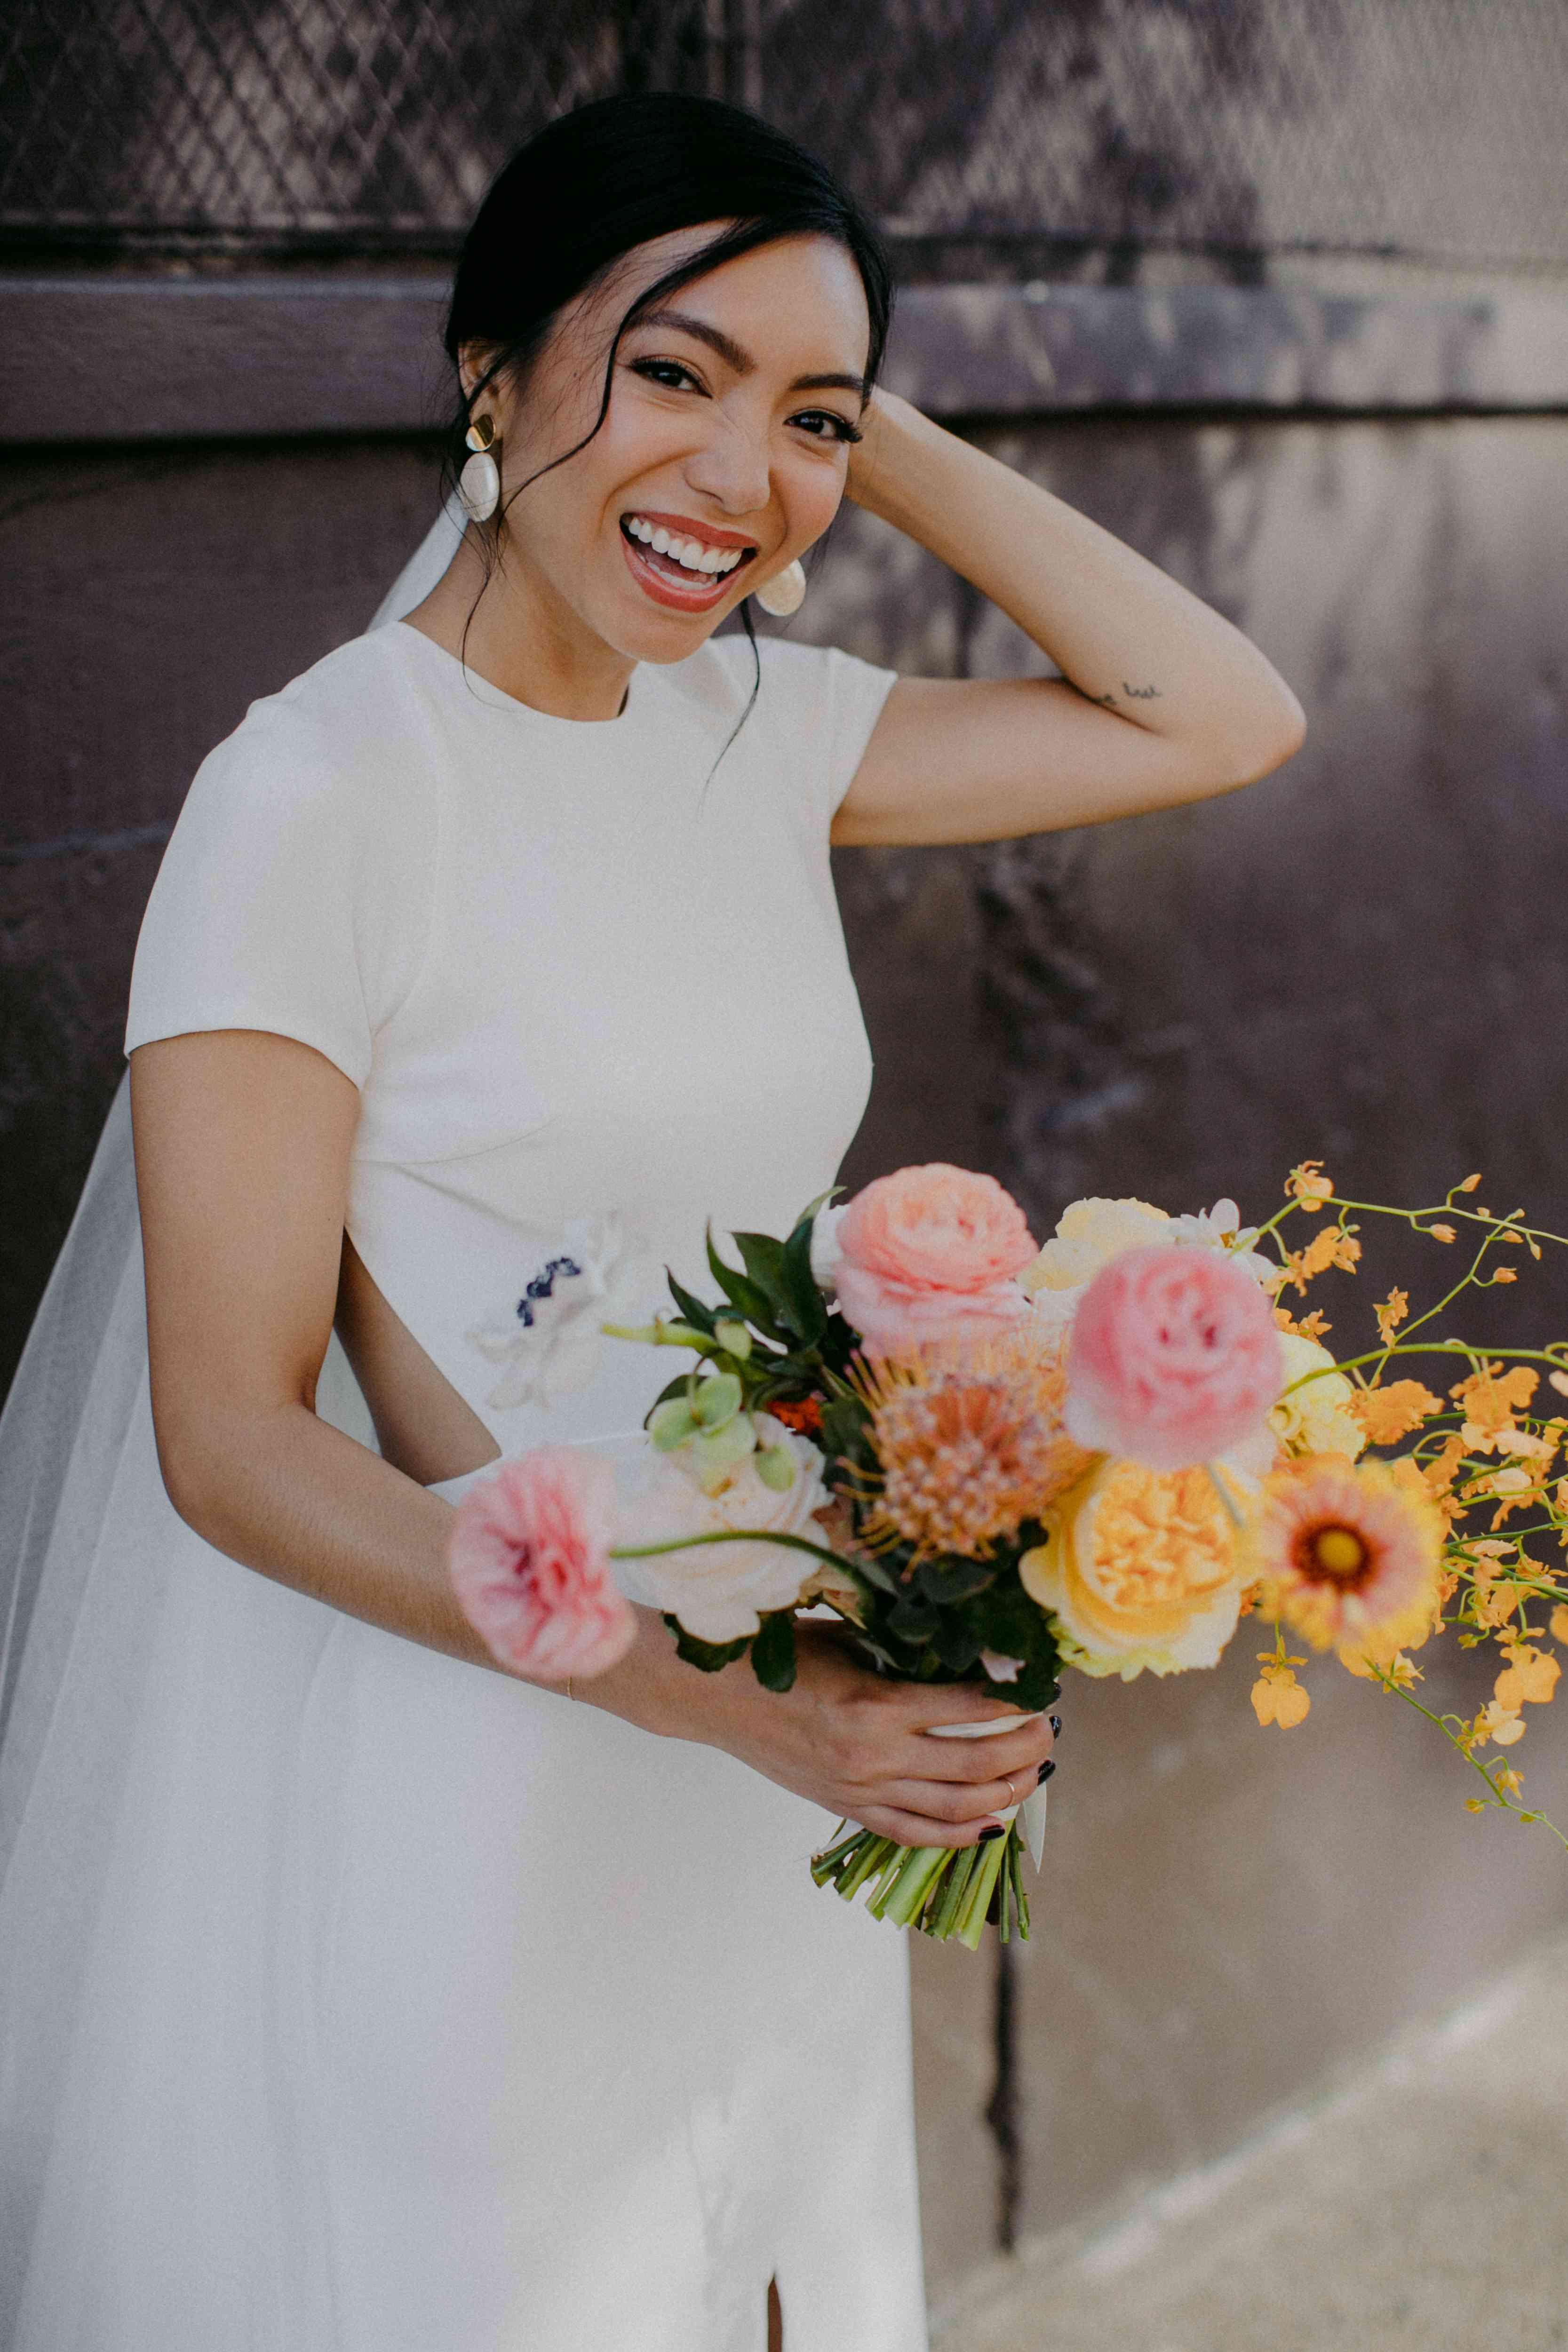 <p>bride smiling</p><br><br>